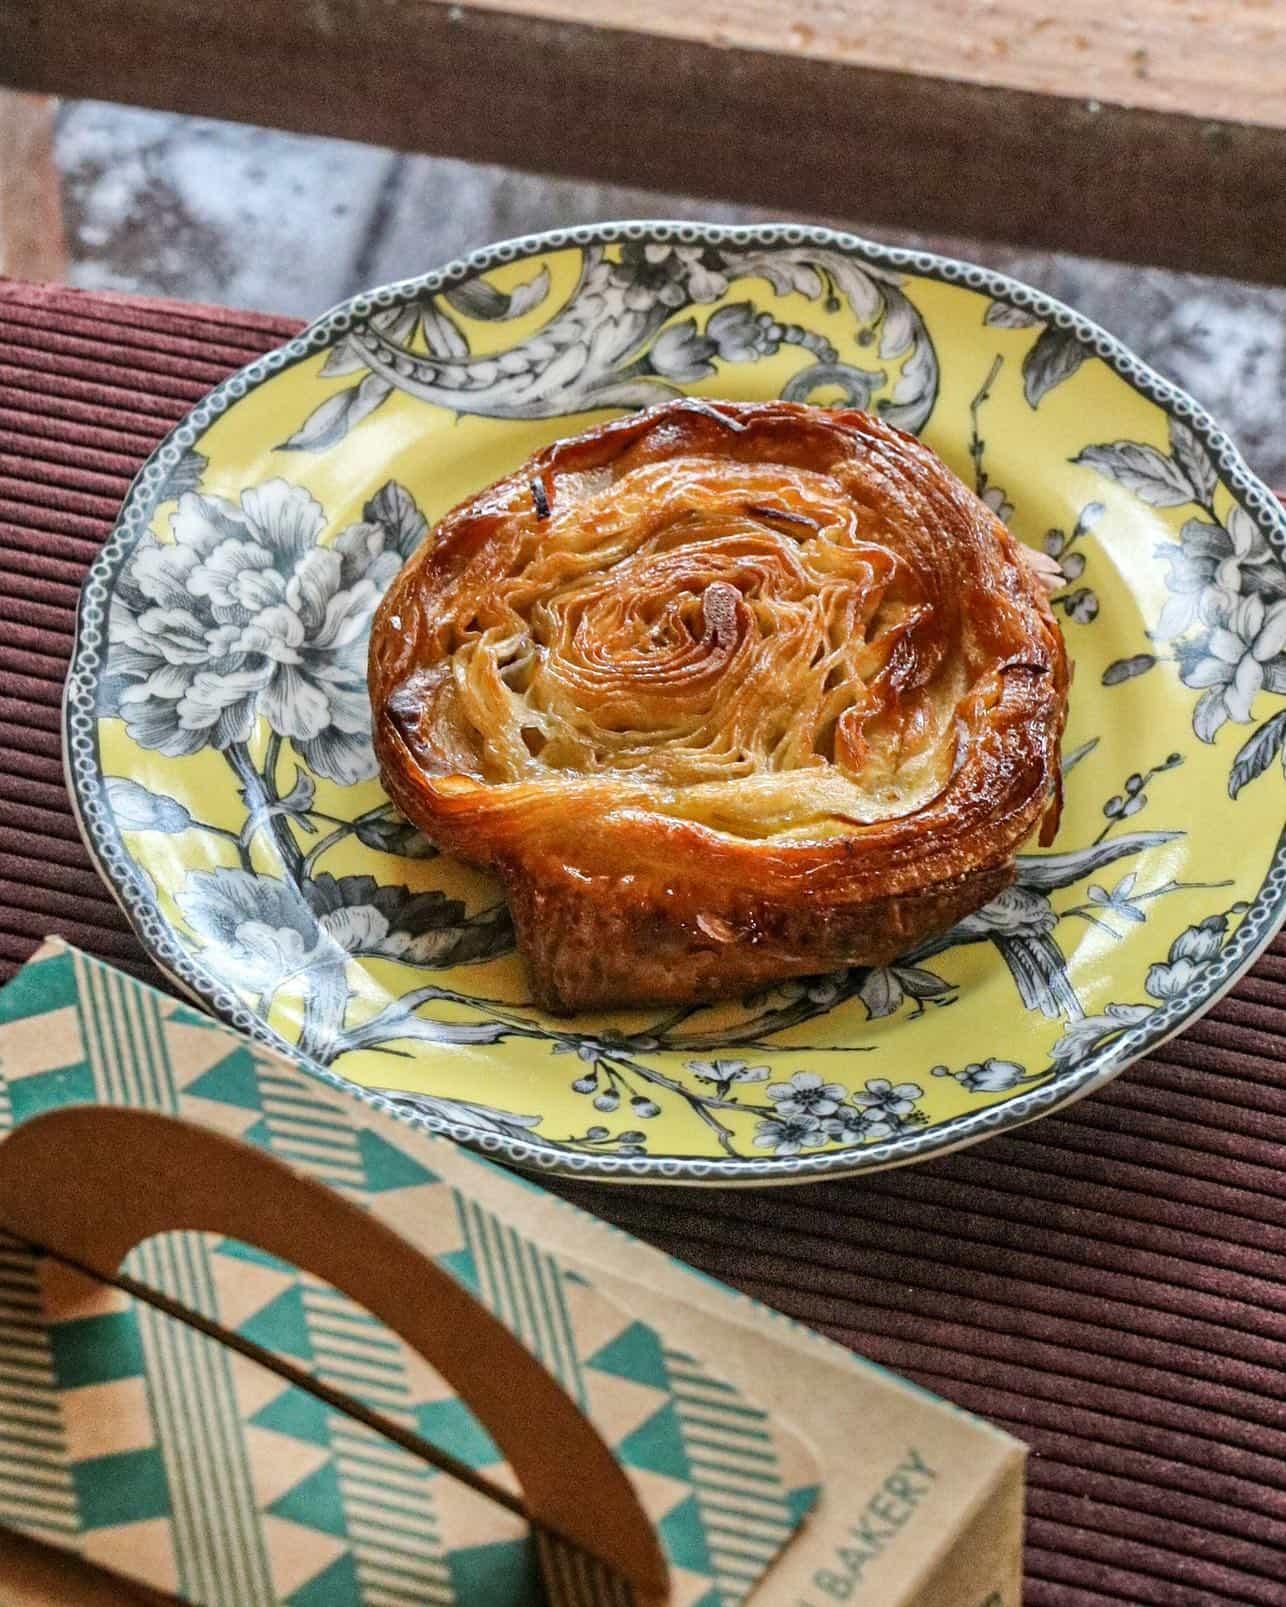 tiong bahru bakery - kouign amann